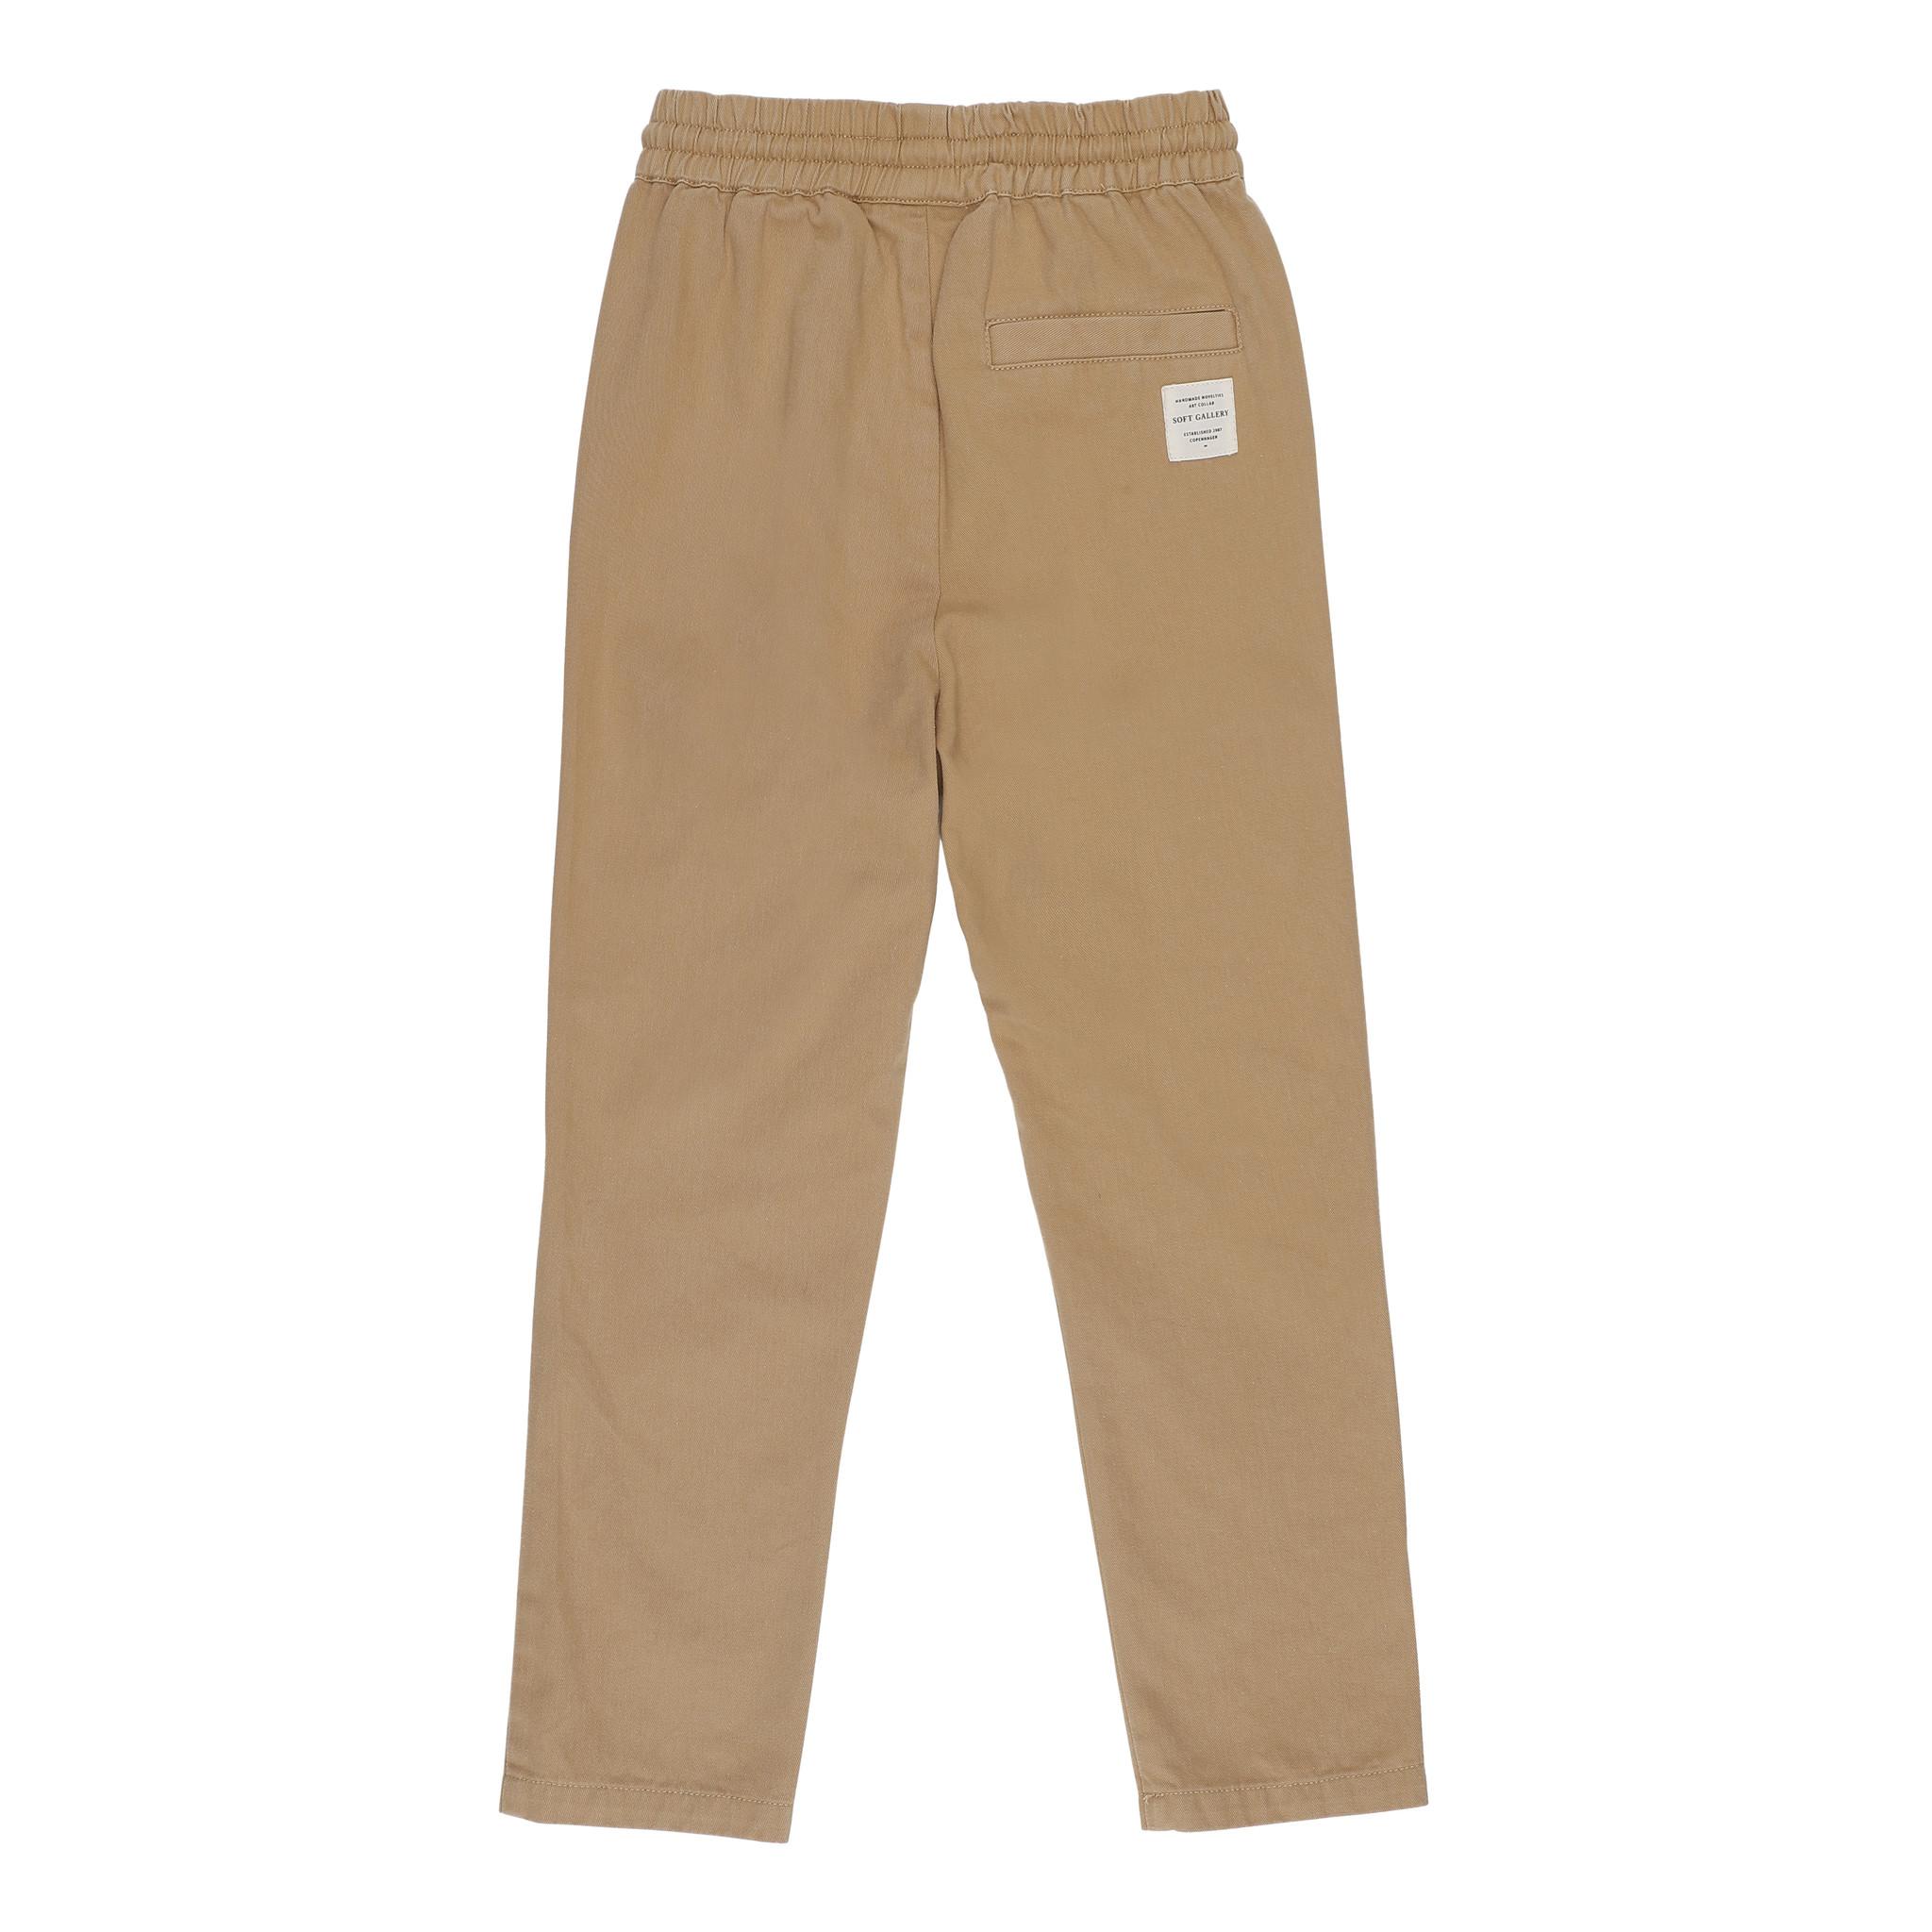 Eero pants - Doe-2